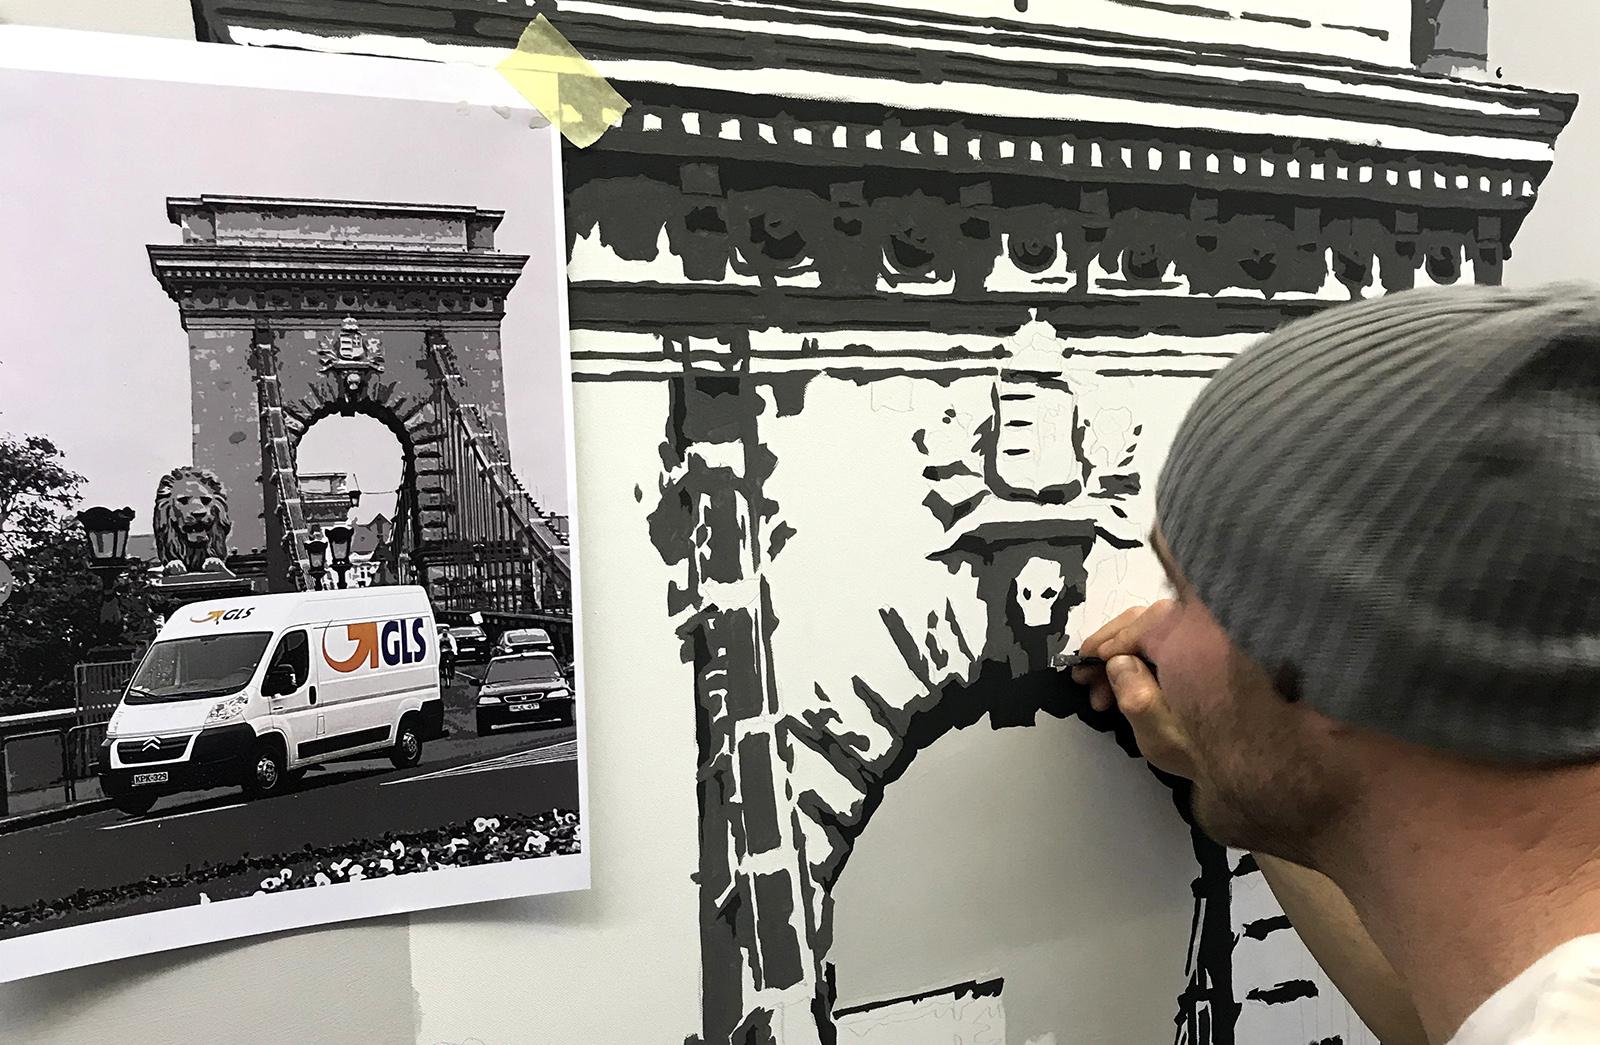 gls vászonkép festés - neopaint works